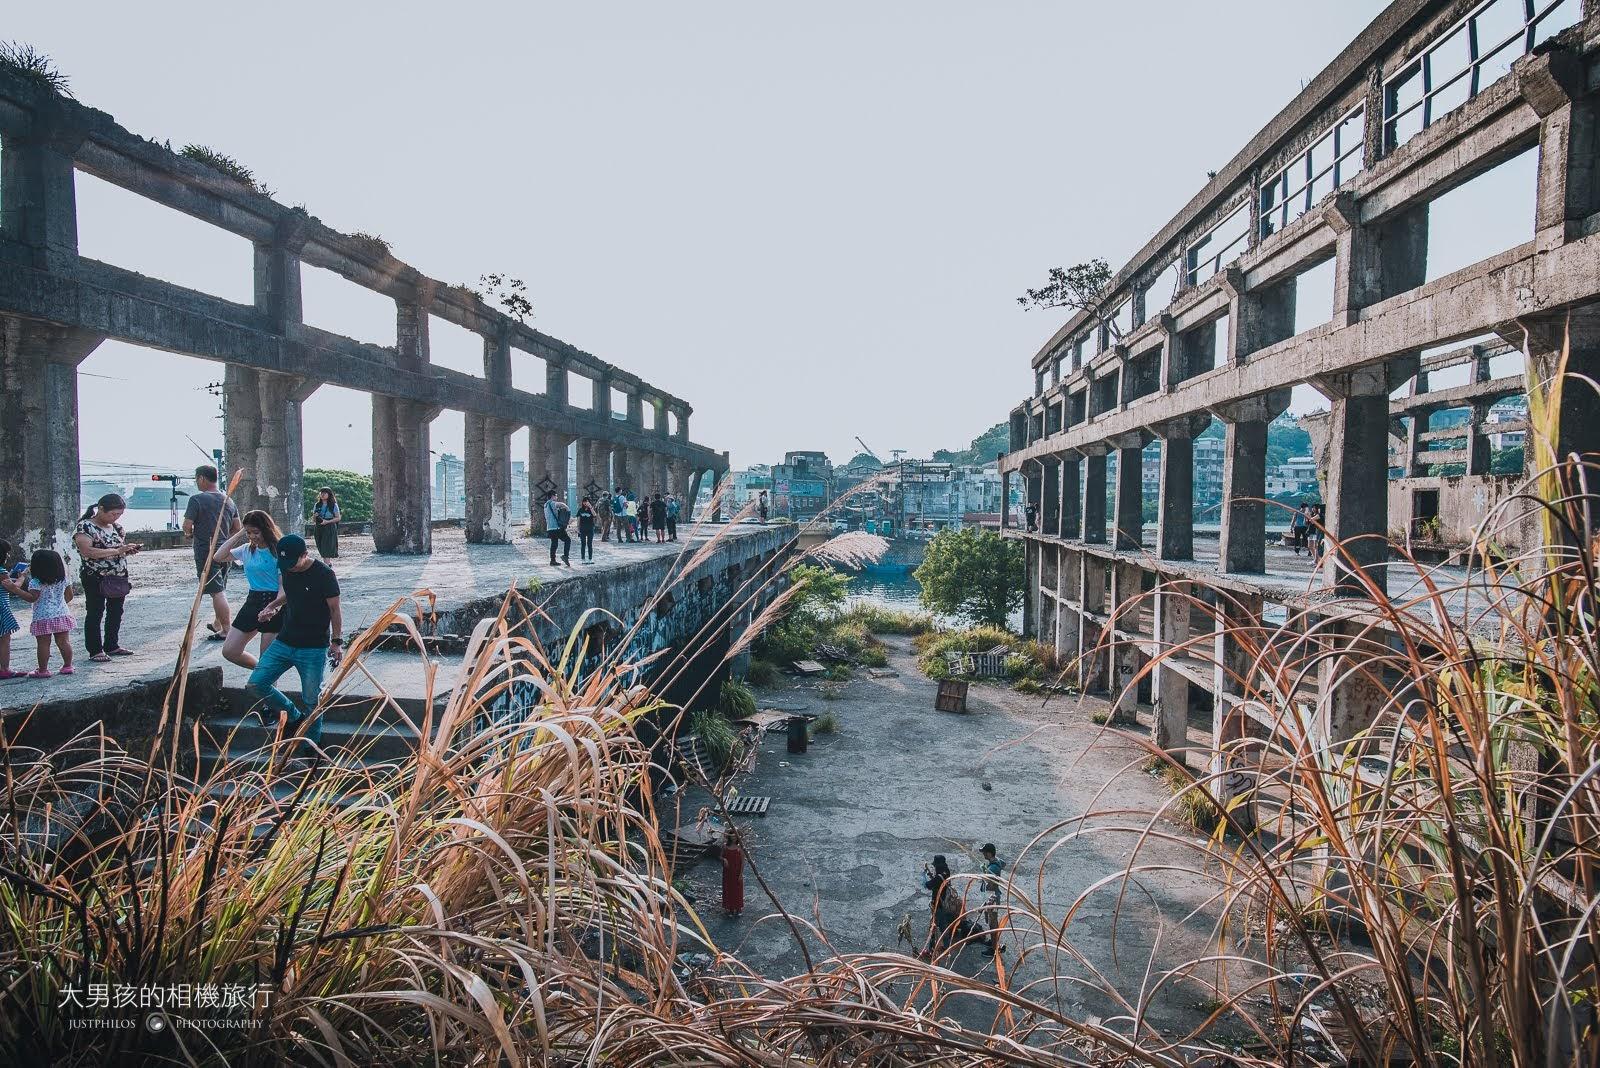 阿根納造船廠遺址是新興的基隆IG打卡景點。